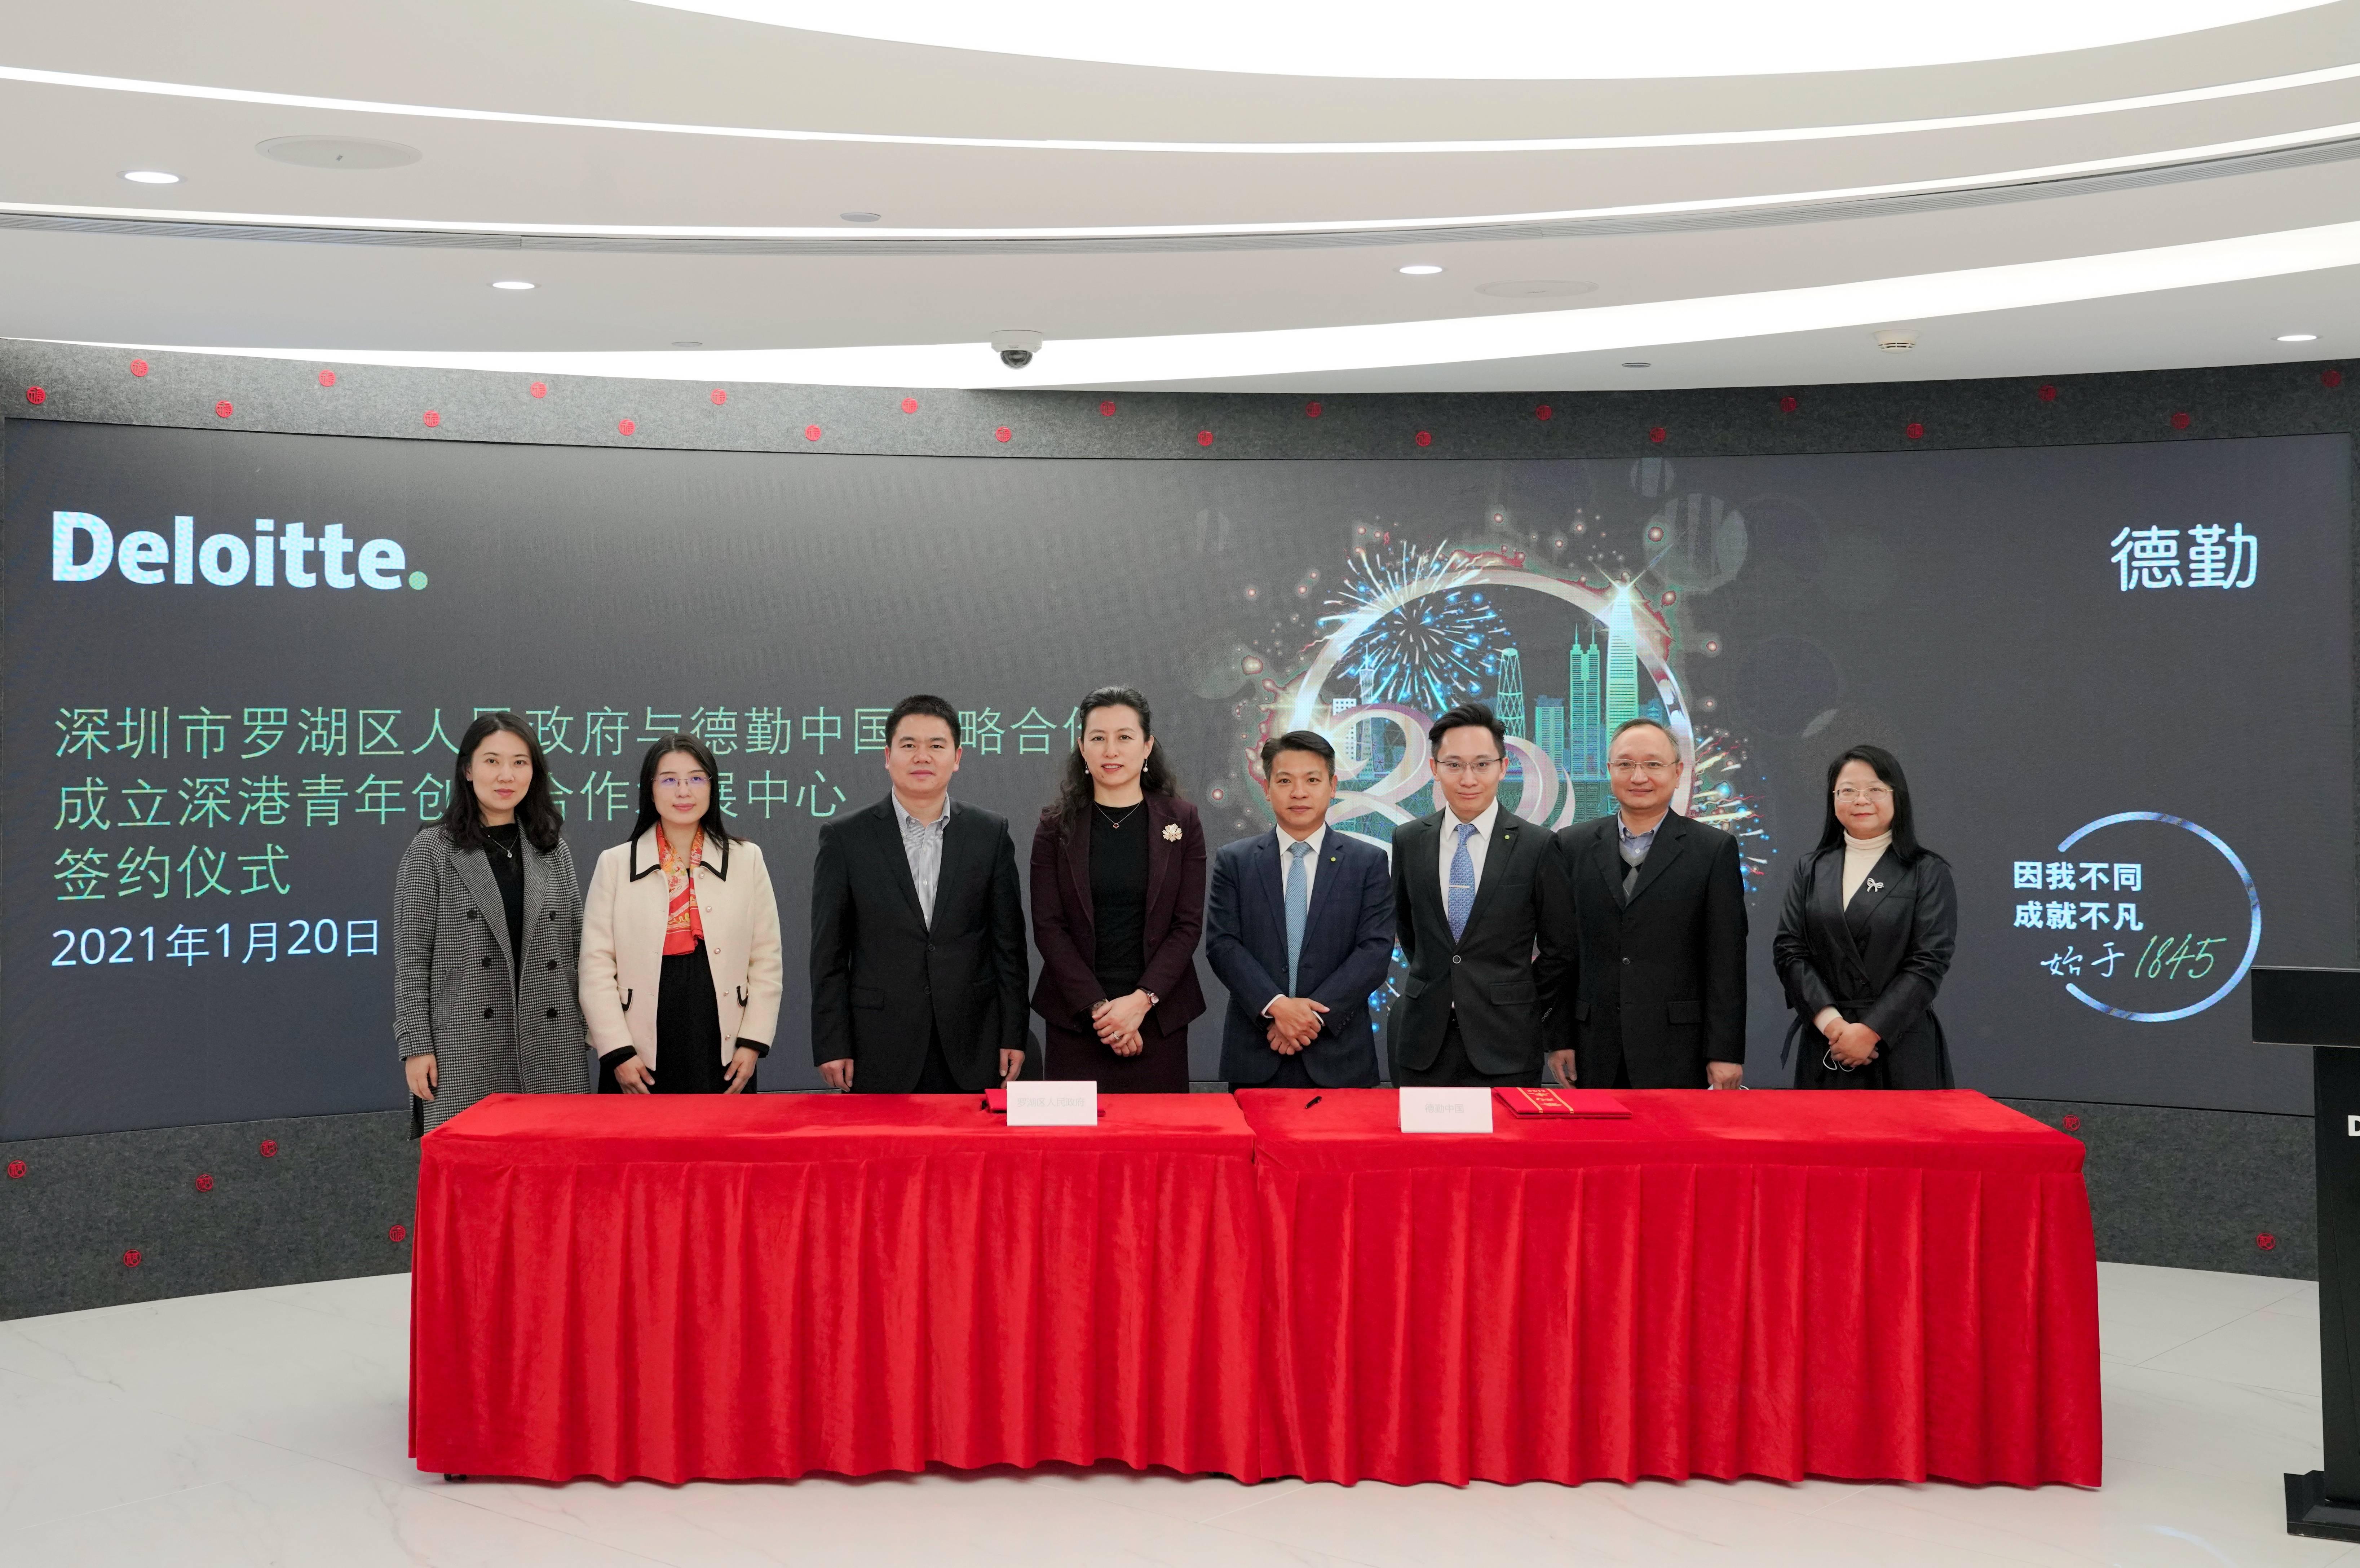 【罗湖区与德勤共同创立深港青年创新合作发展中心】